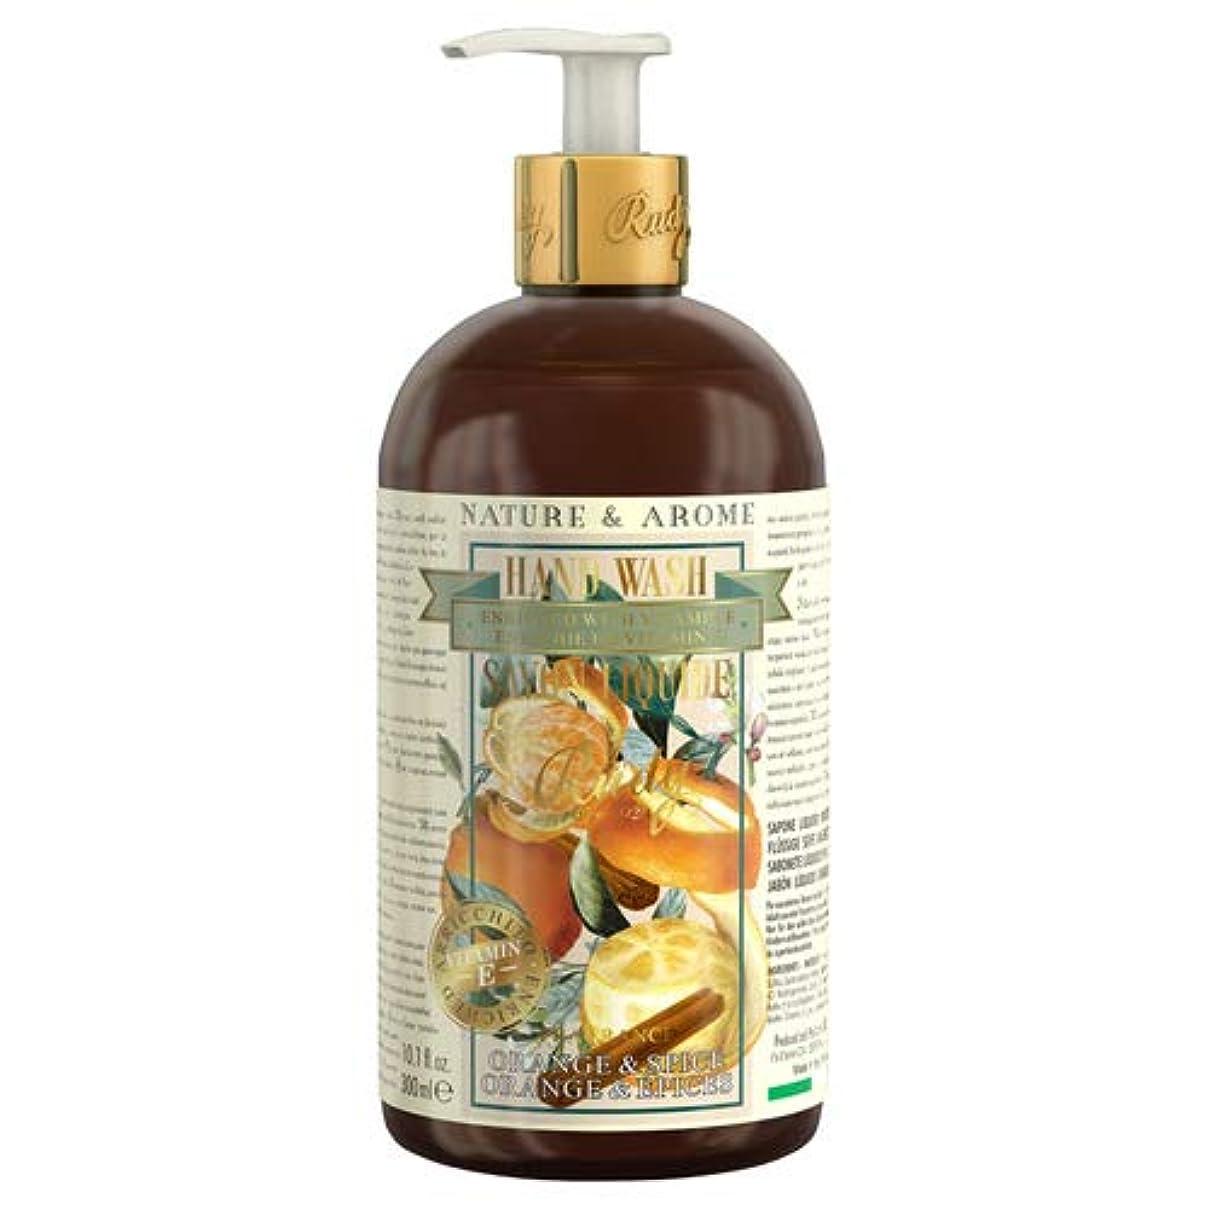 委任する責任者ますますルディ(Rudy) RUDY Nature&Arome Apothecary ネイチャーアロマ アポセカリー Hand Wash ハンドウォッシュ(ボディソープ) Orange & Spice オレンジ&スパイス